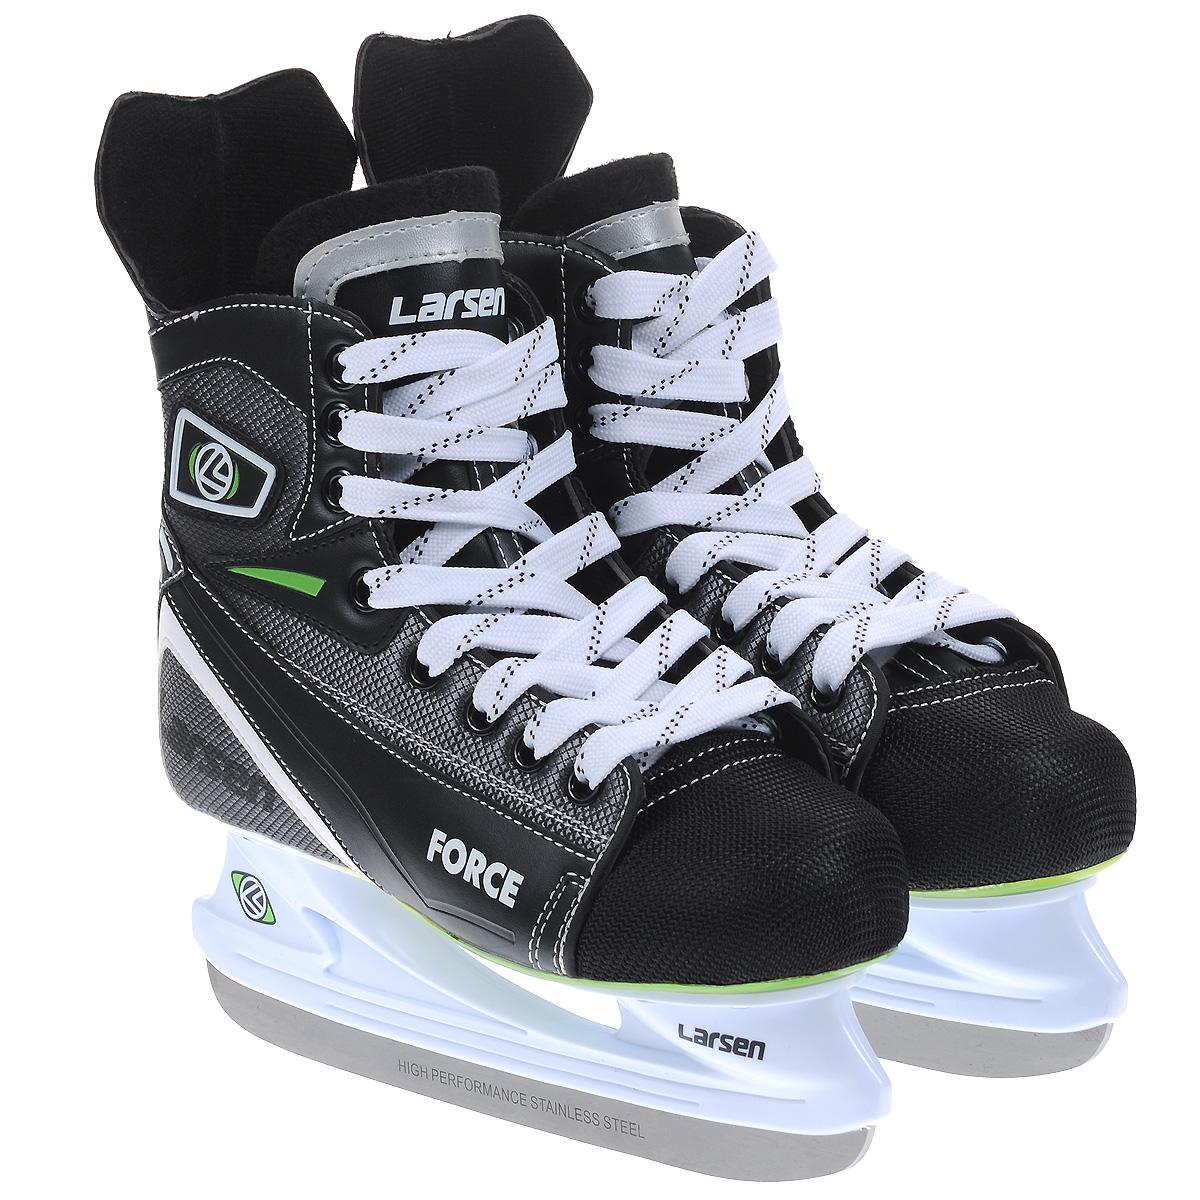 Коньки хоккейные мужские Larsen Force, цвет: черный, серый. Размер 41 Force_черный, серый_41